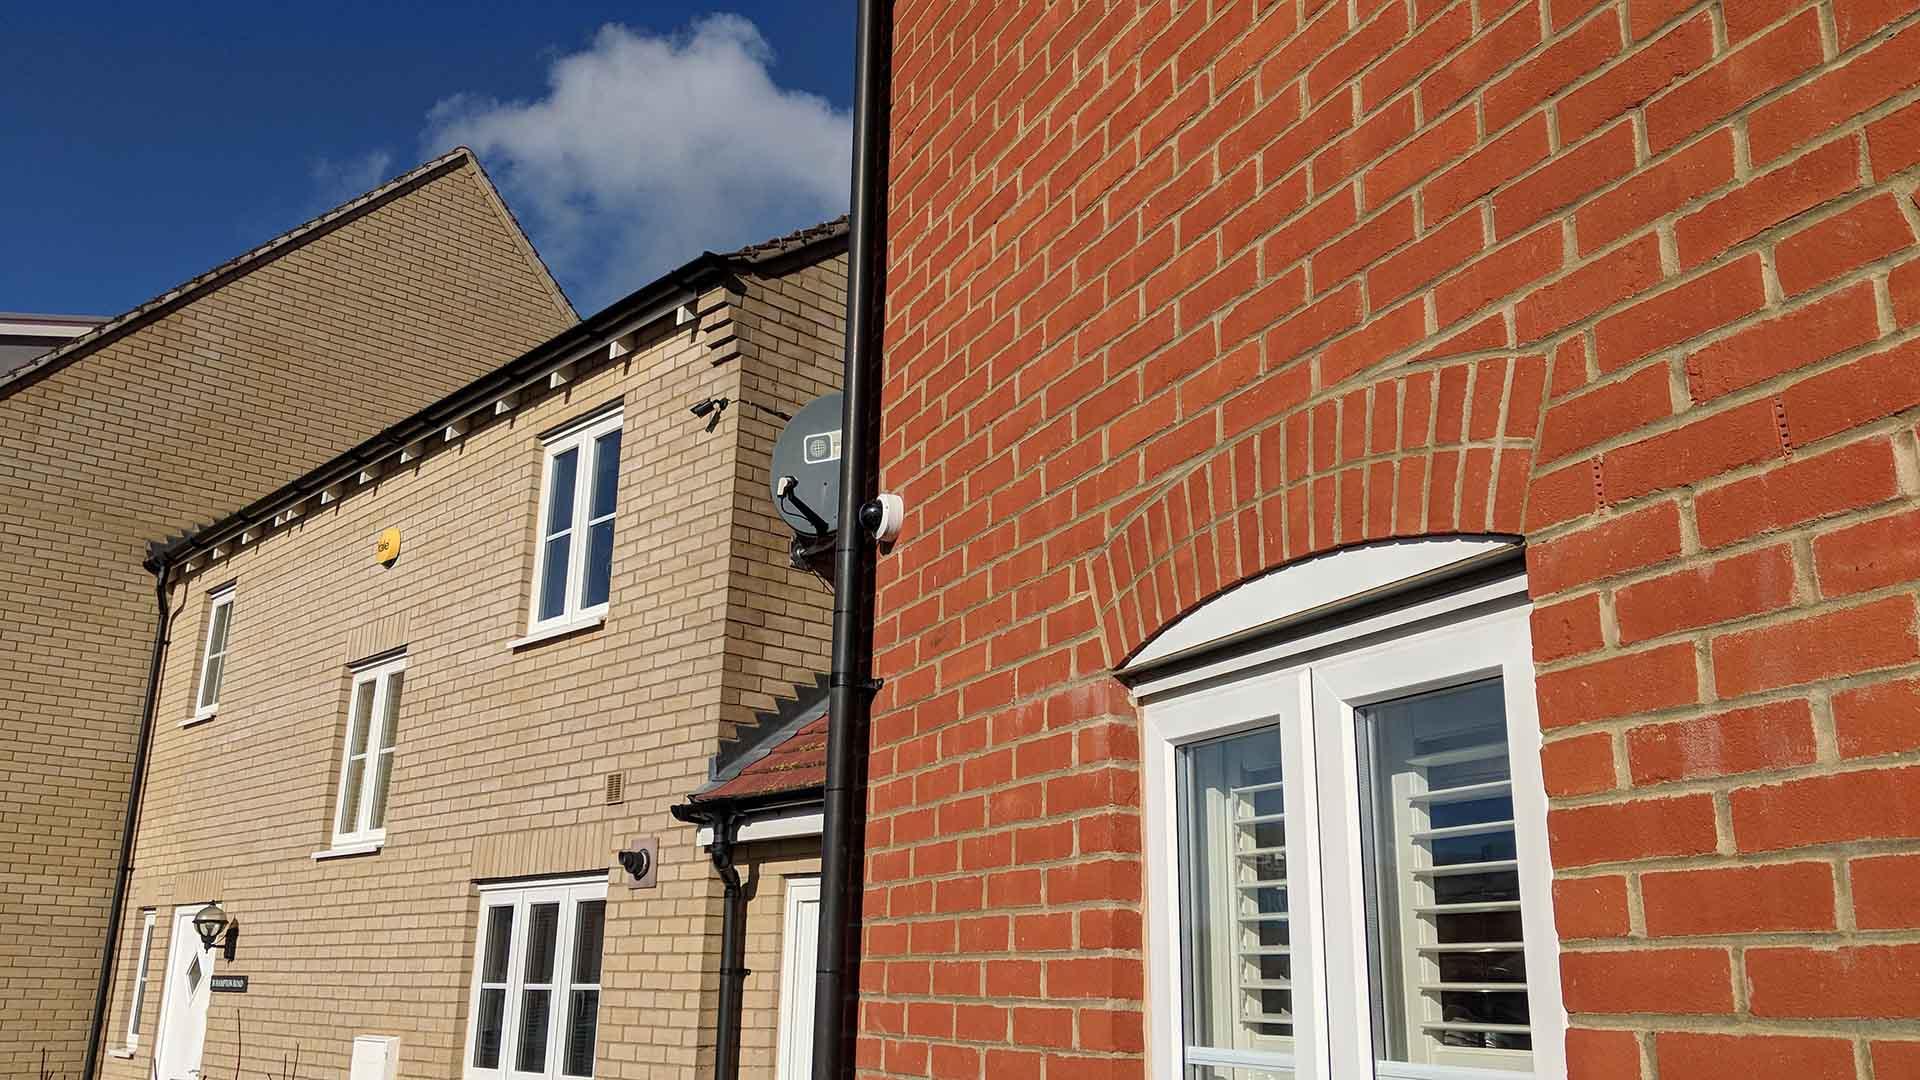 CCTV Installation in Stansted, Essex